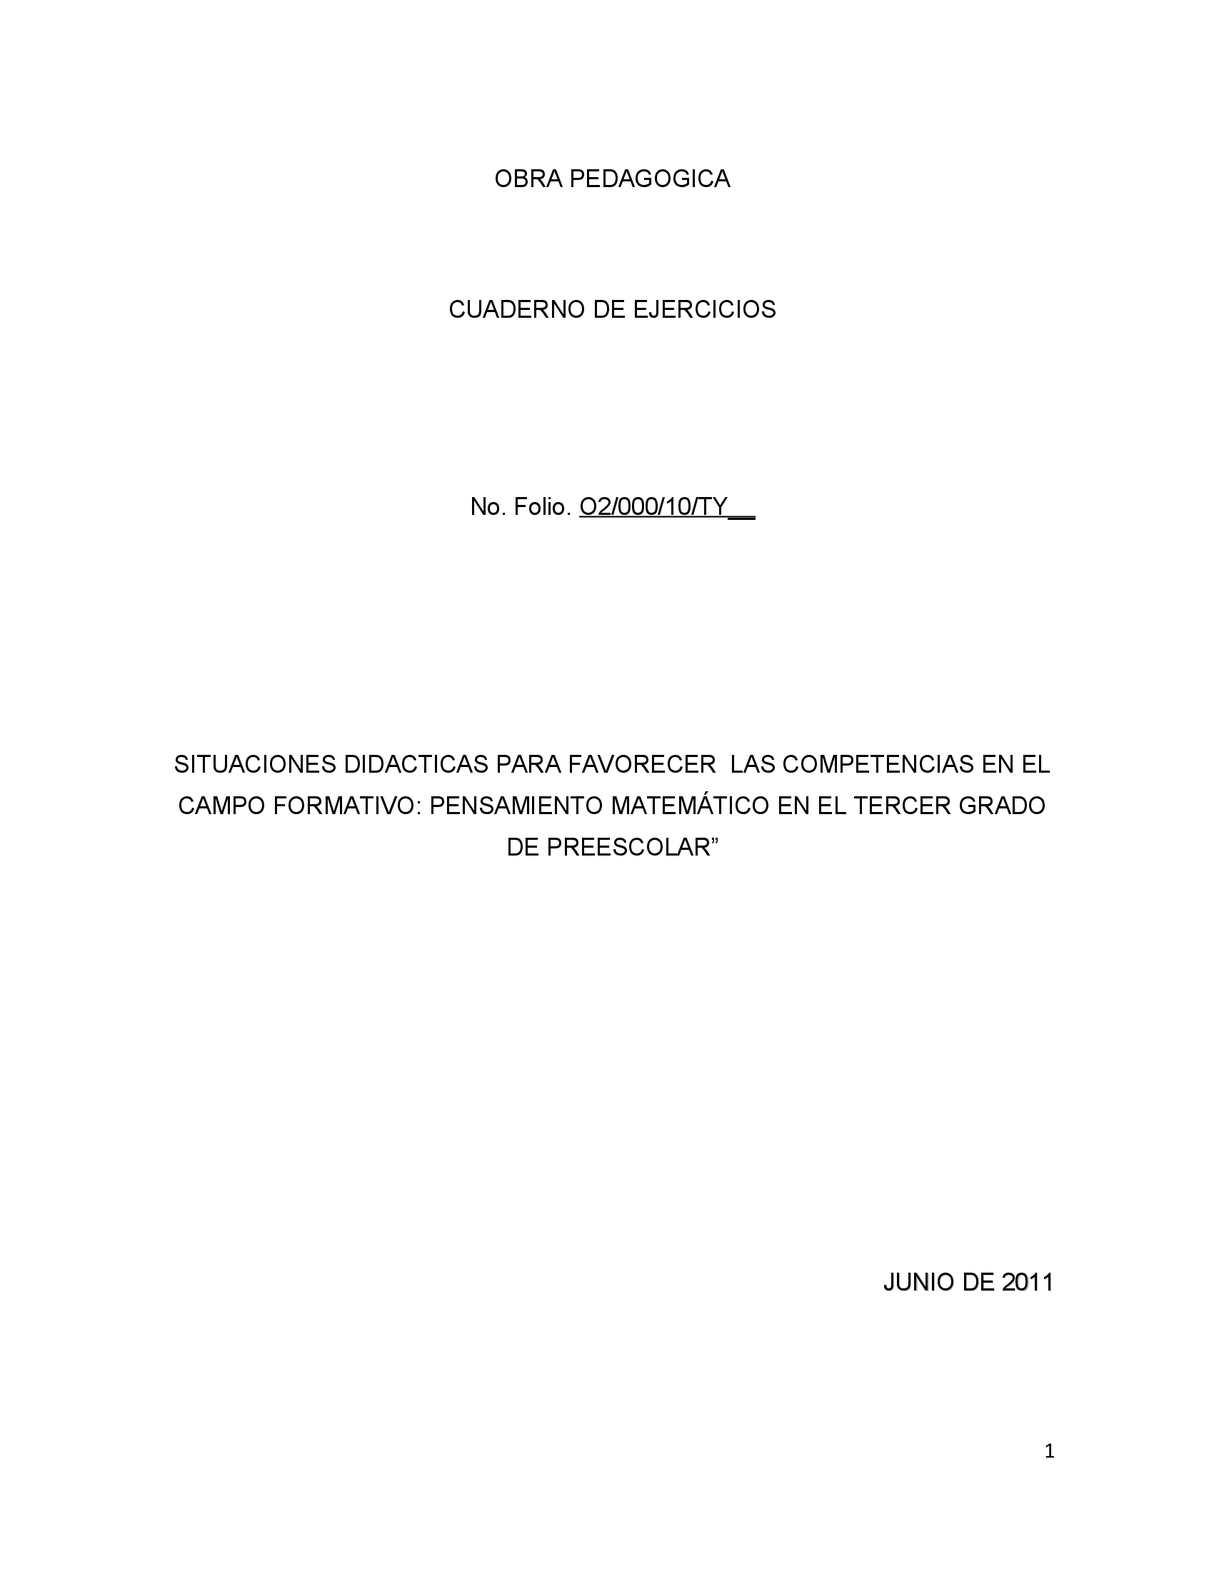 Calaméo - Situaciones didácticas para favorecer las competencias en ...